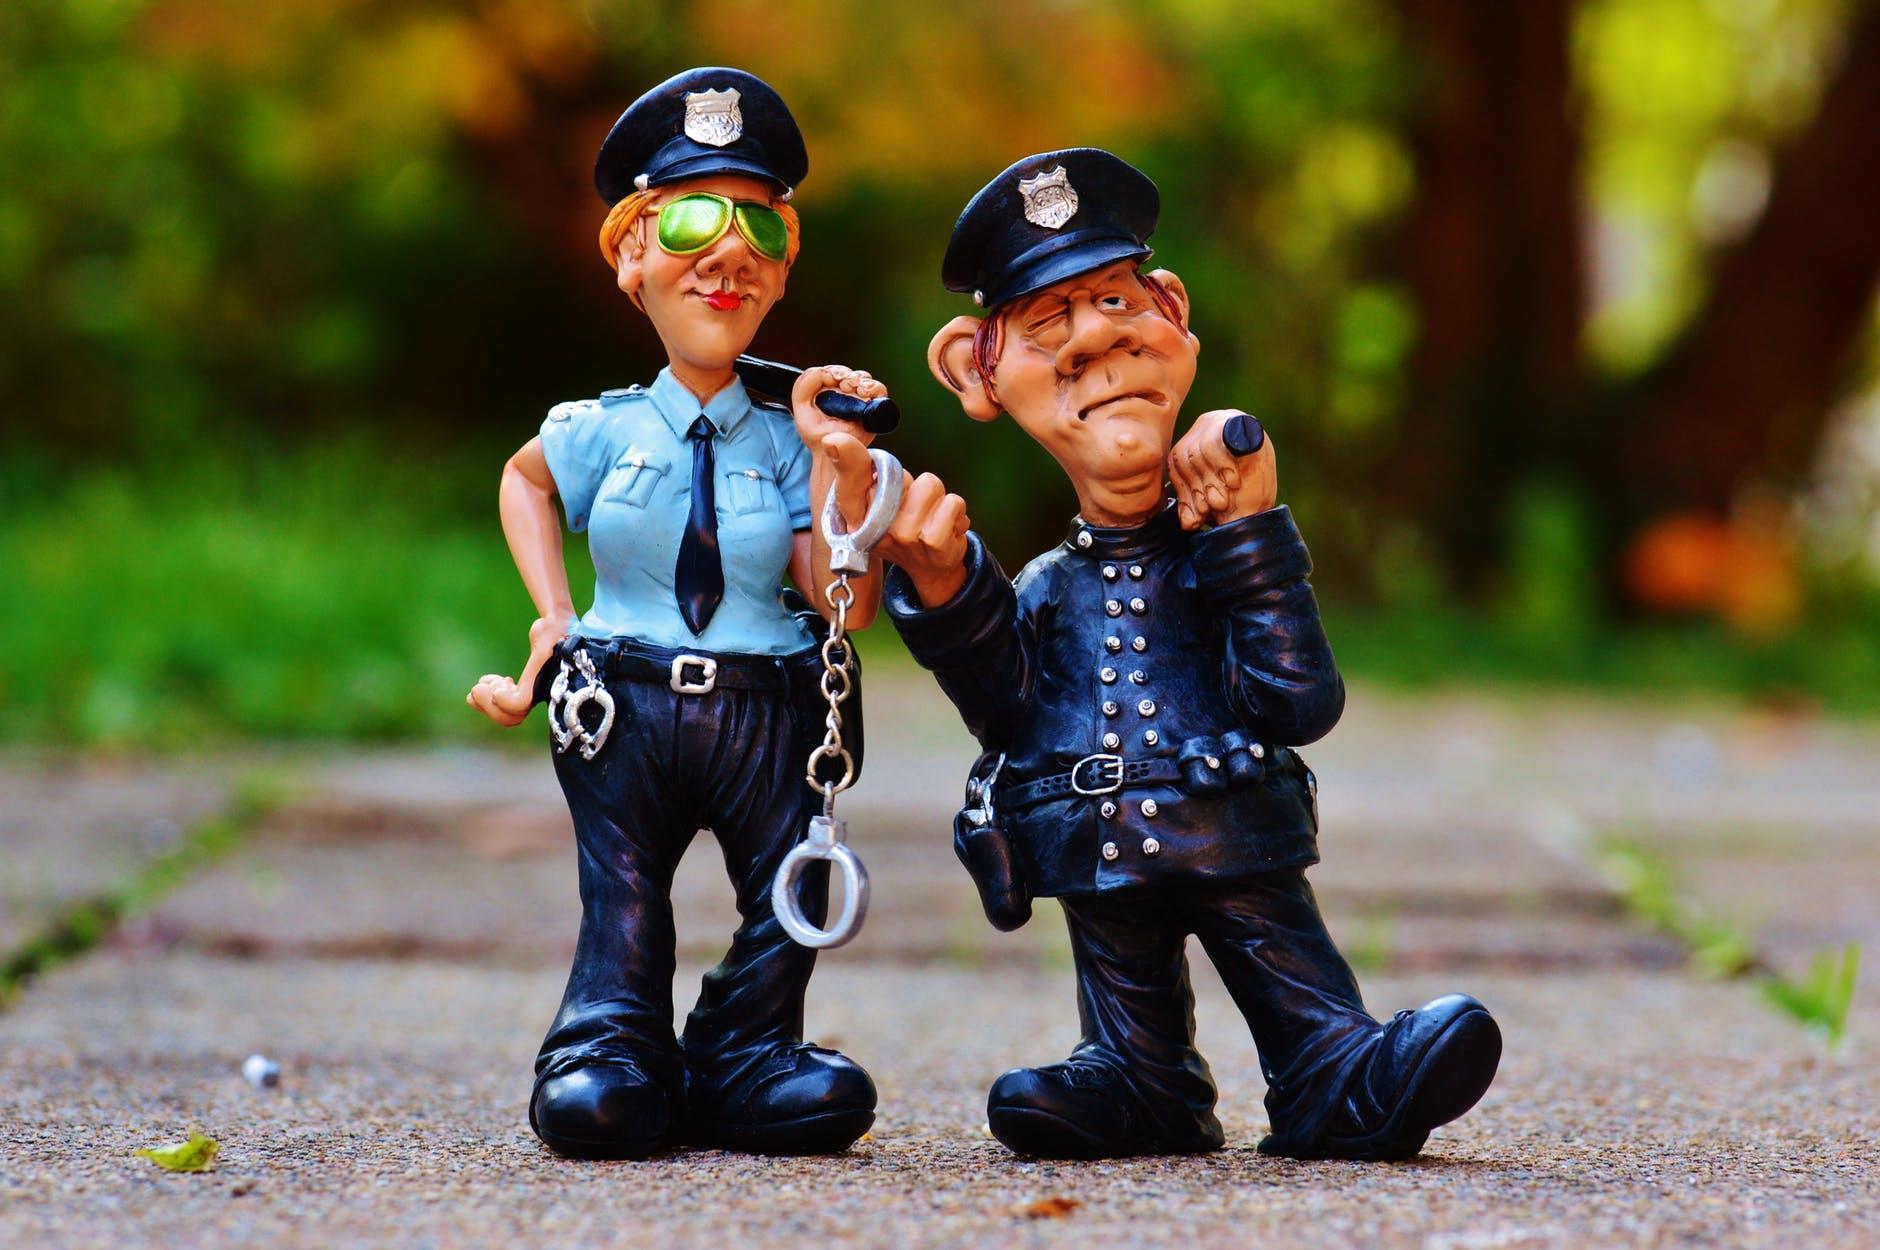 【2021年版】エログ運営で逮捕されないために絶対に守るべきルールを解説!